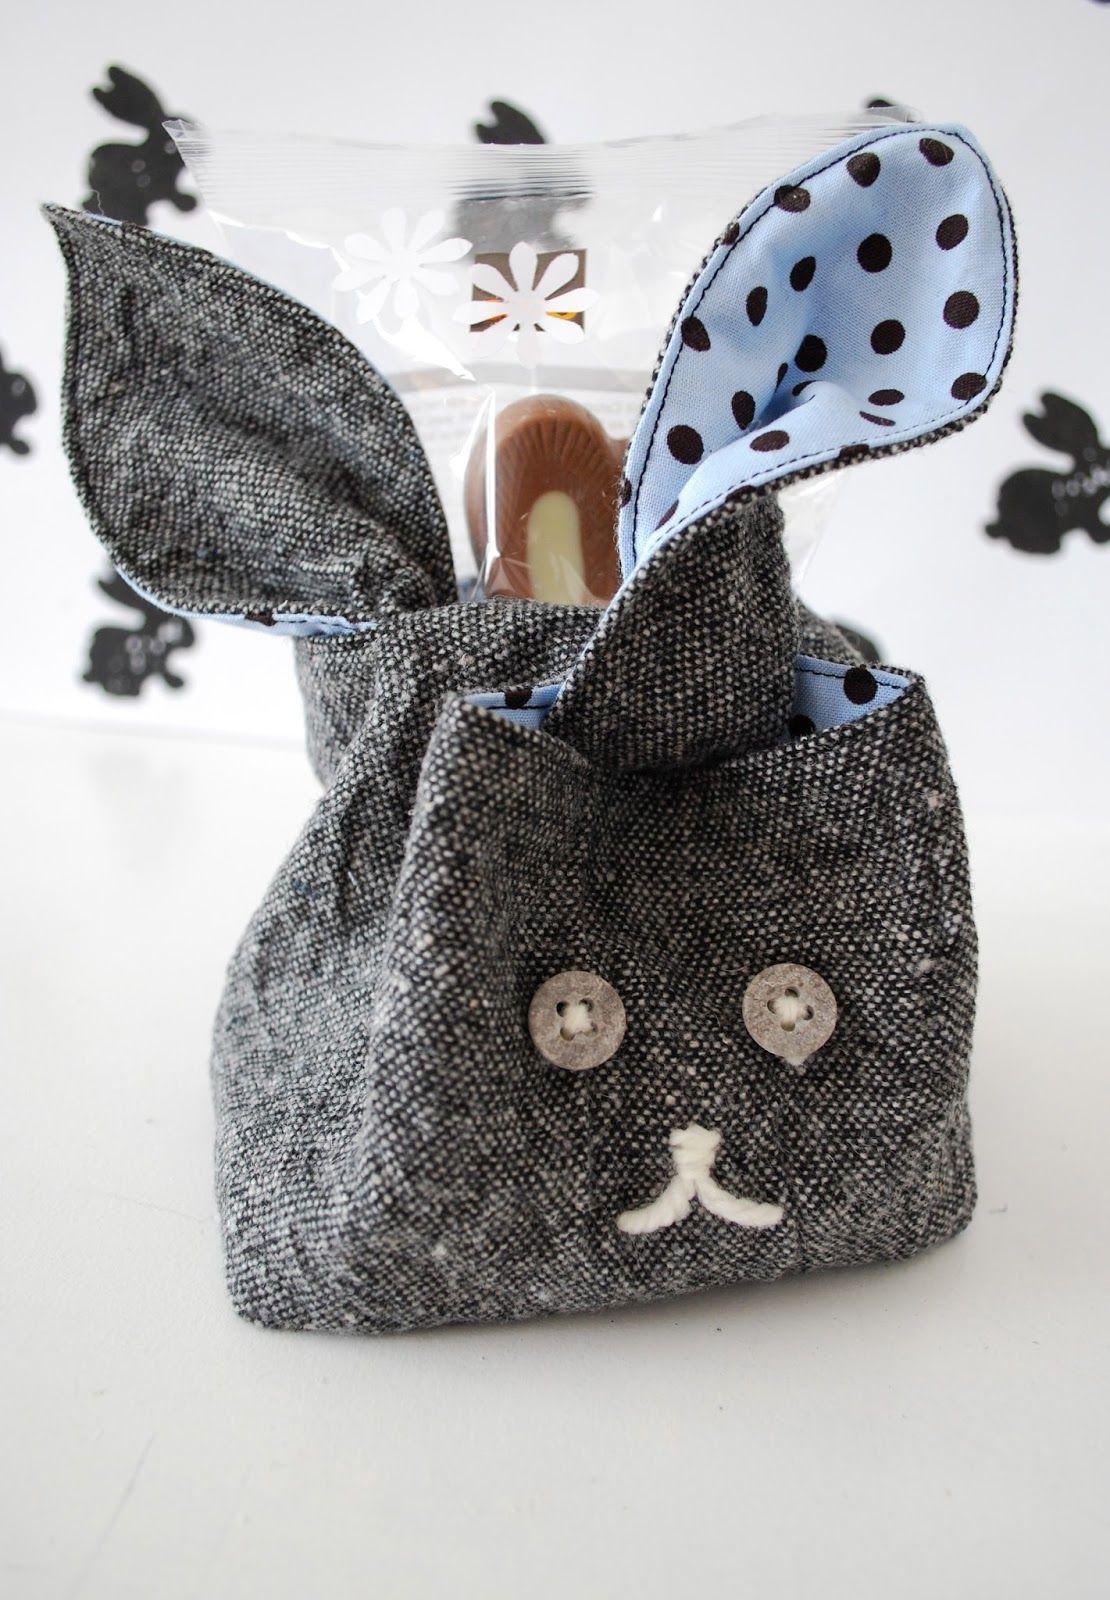 mamas kram: Hoppy Easter! Ostertasche, Hasentasche, Osternest Hase nähen